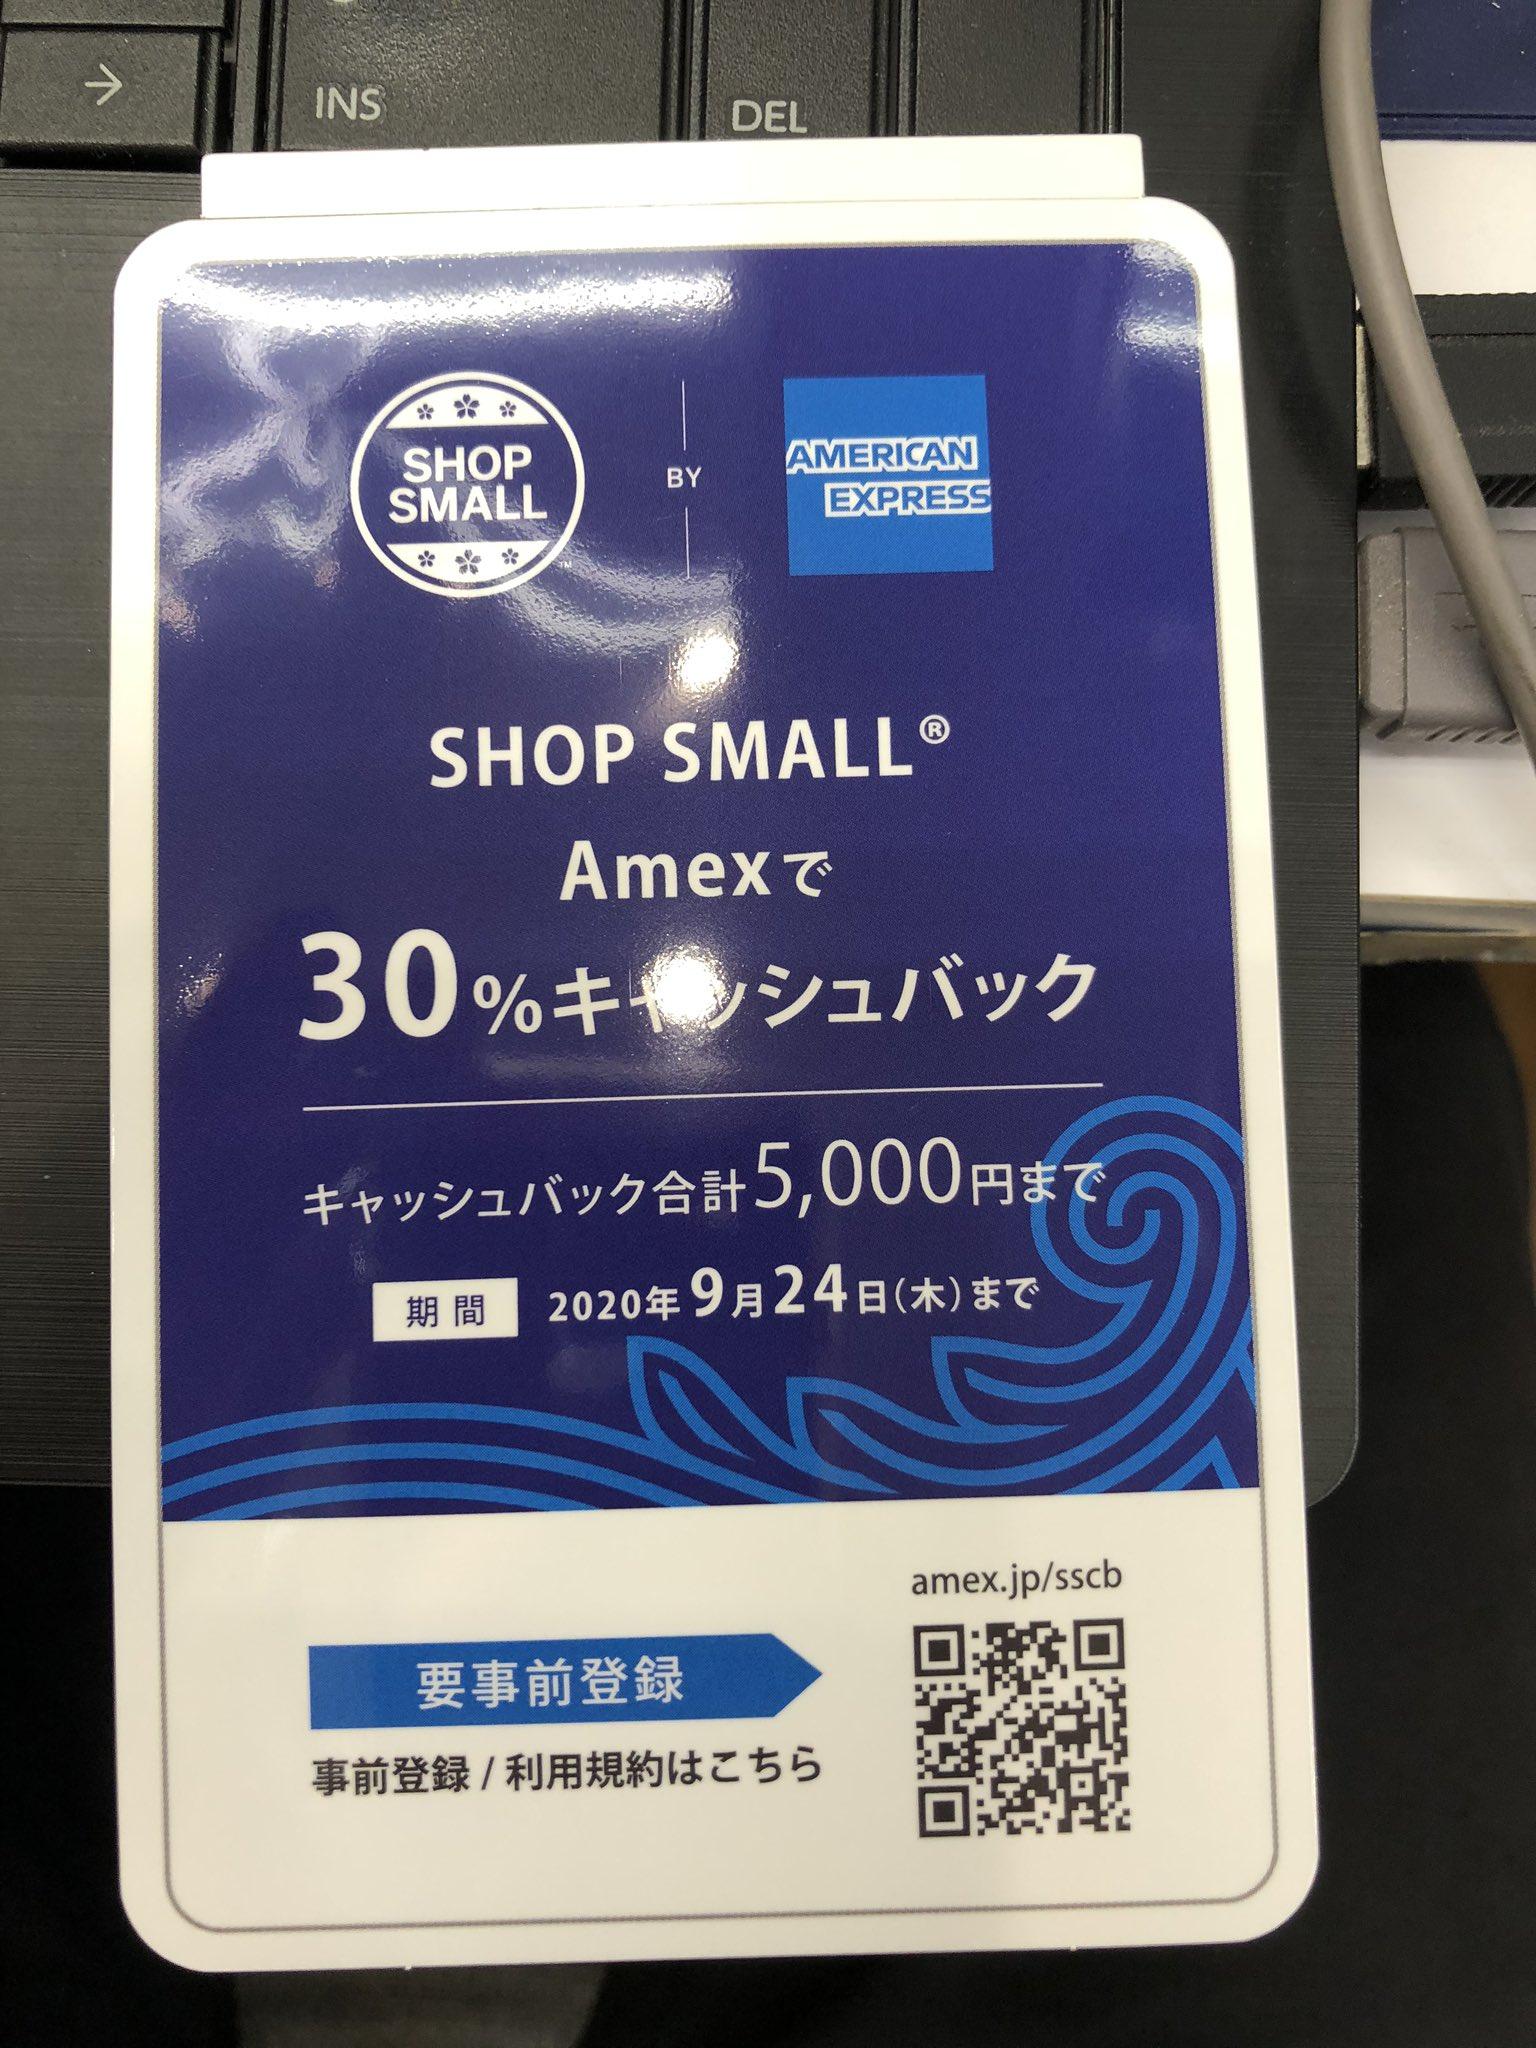 ショップ アメックス スモール 【アメックス】全国約10万の中小店舗で30%キャッシュバック!